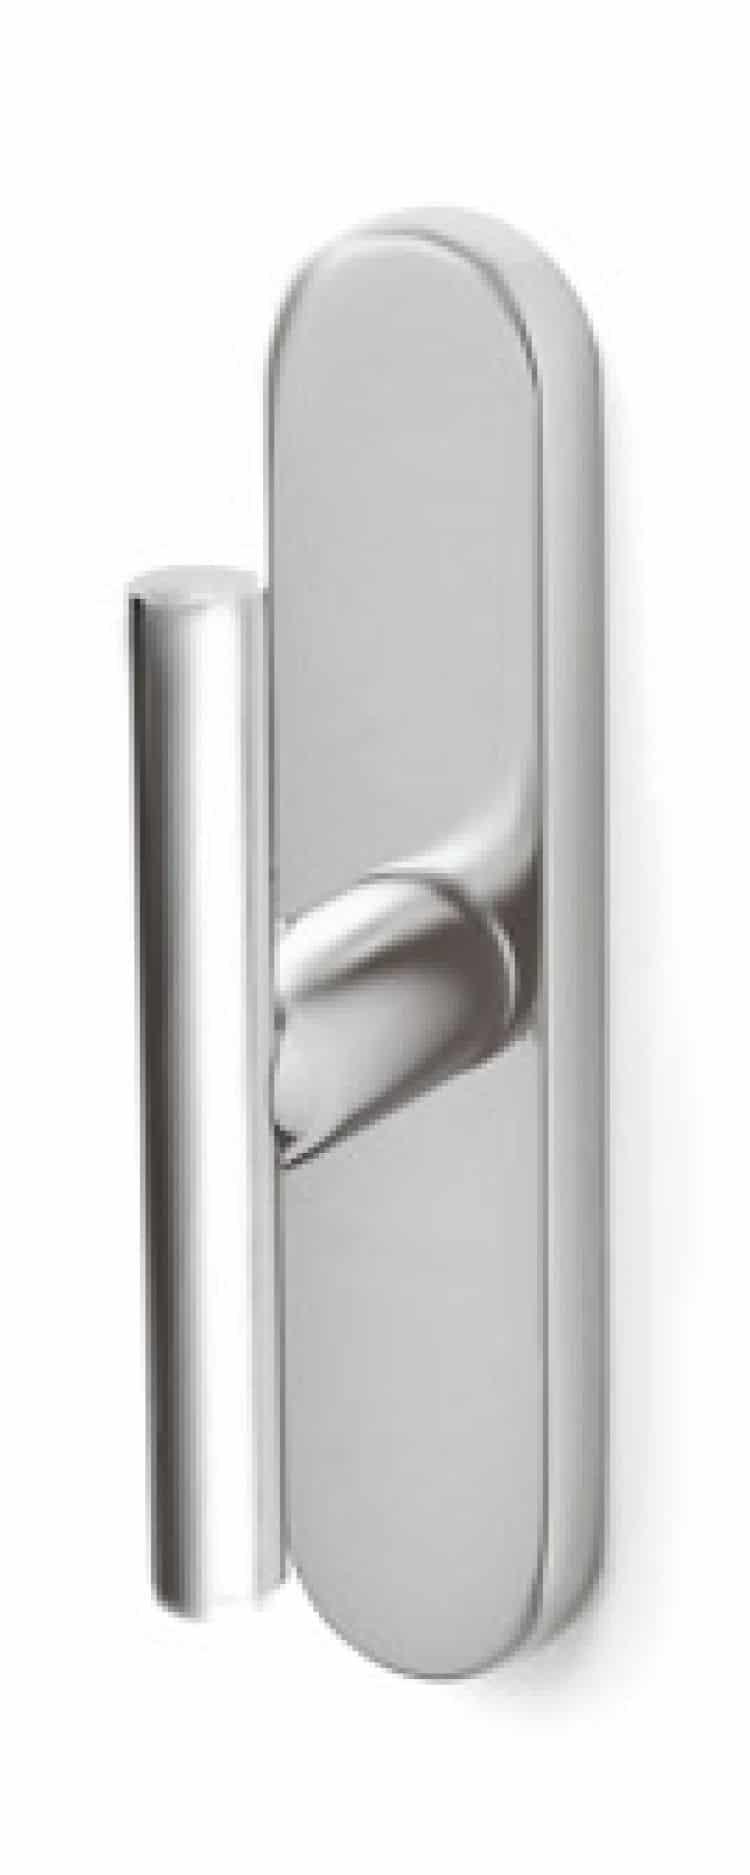 Maniglie di design per porte e finestre tuttoferramenta - Maniglie finestre prezzi ...